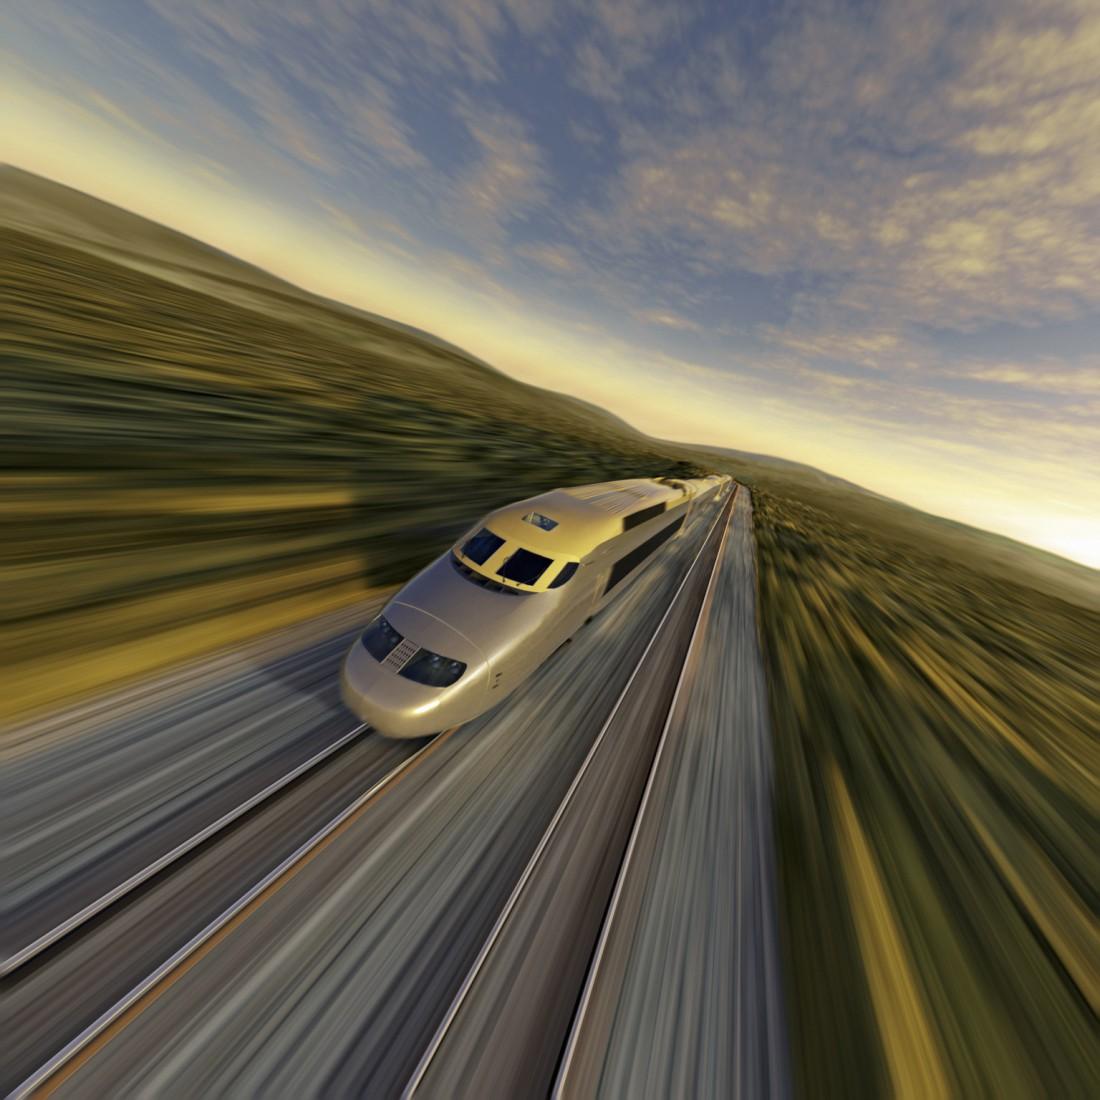 Держись подальше от поездов, быстро мчащихся тебе навстречу